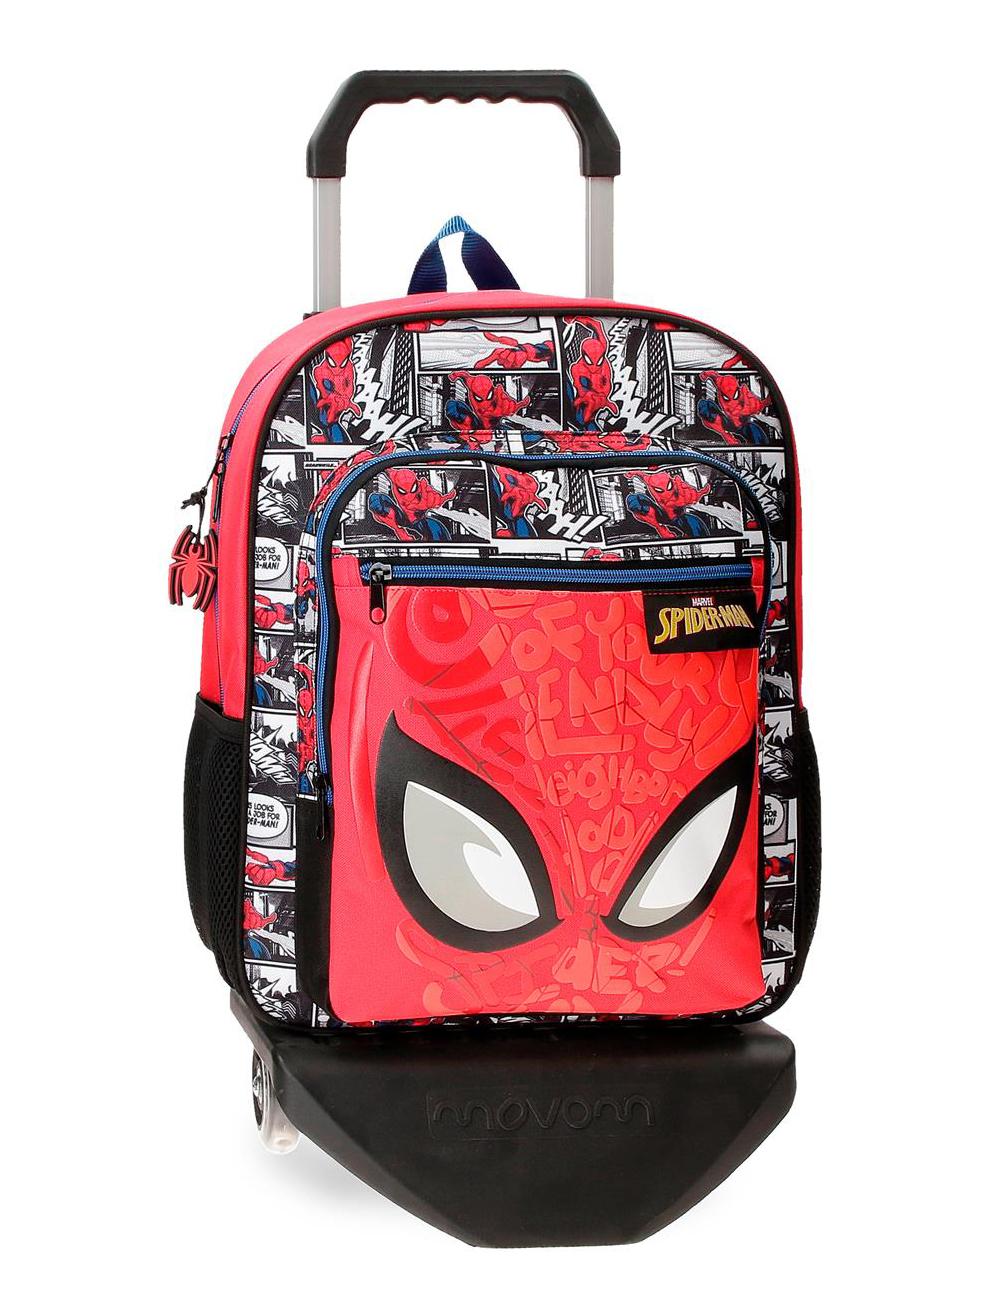 22523T1 Mochila 38cm con Ruedas Spiderman Comic